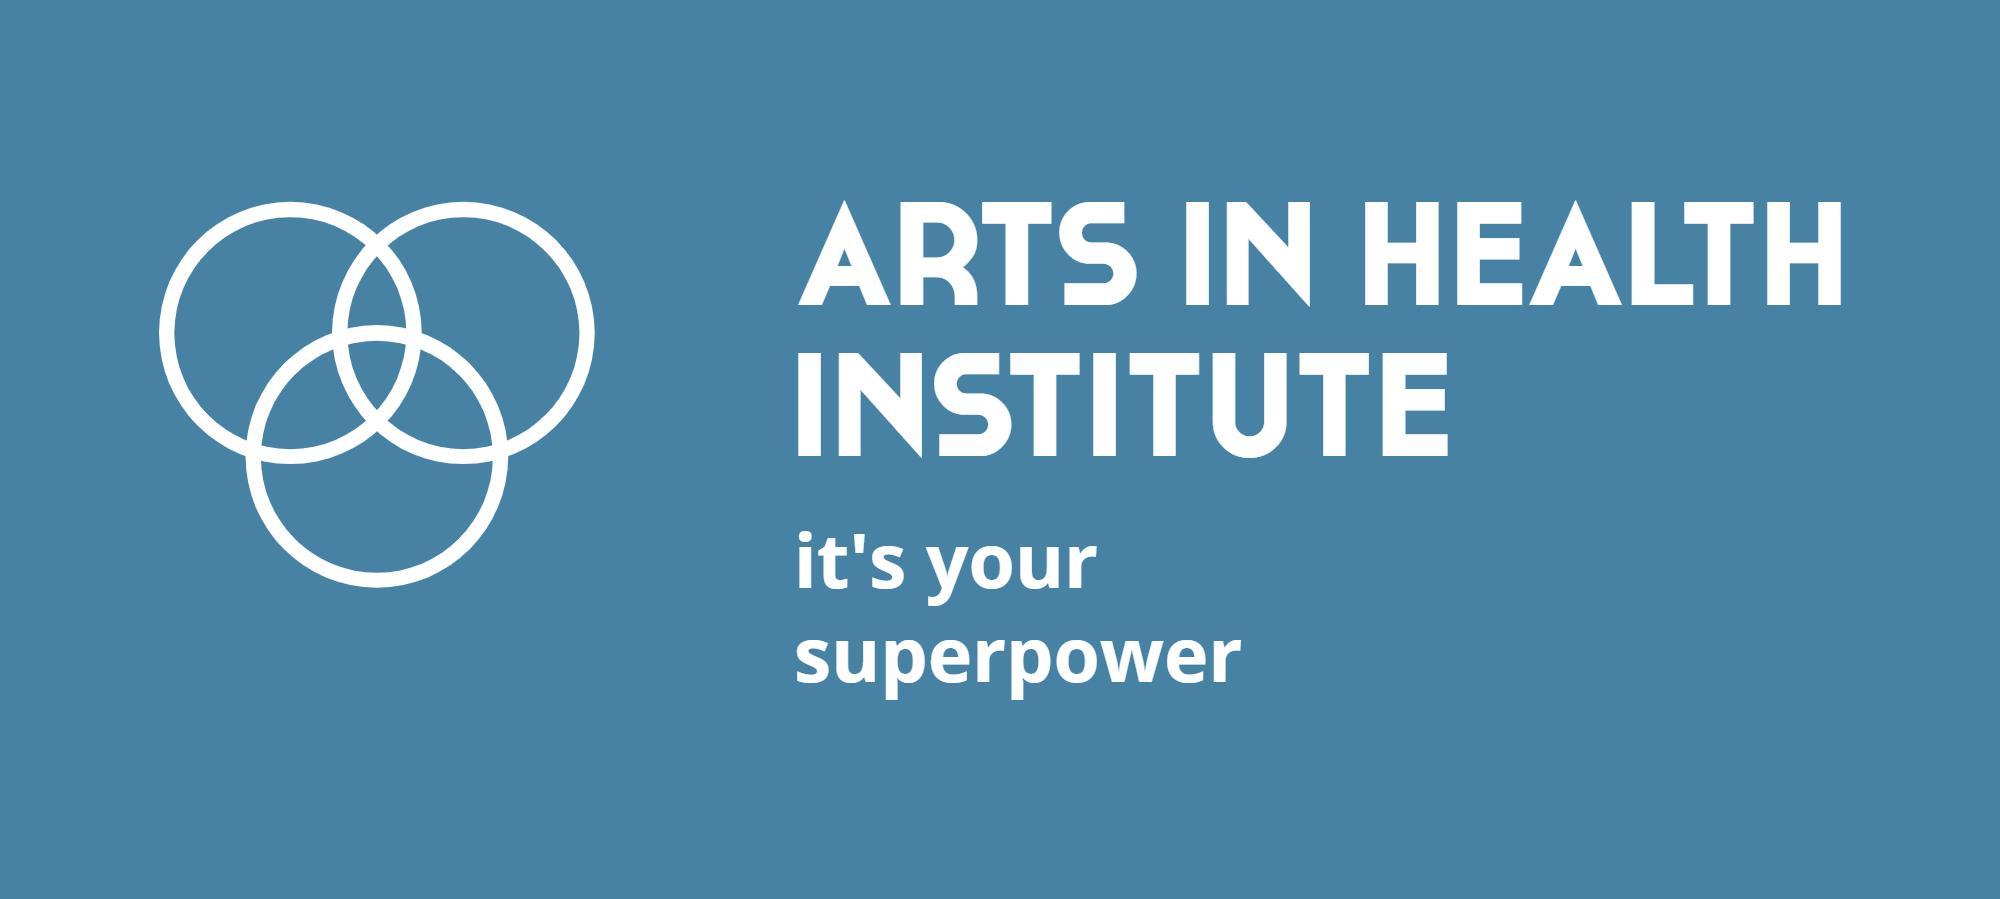 Arts in Health Institute